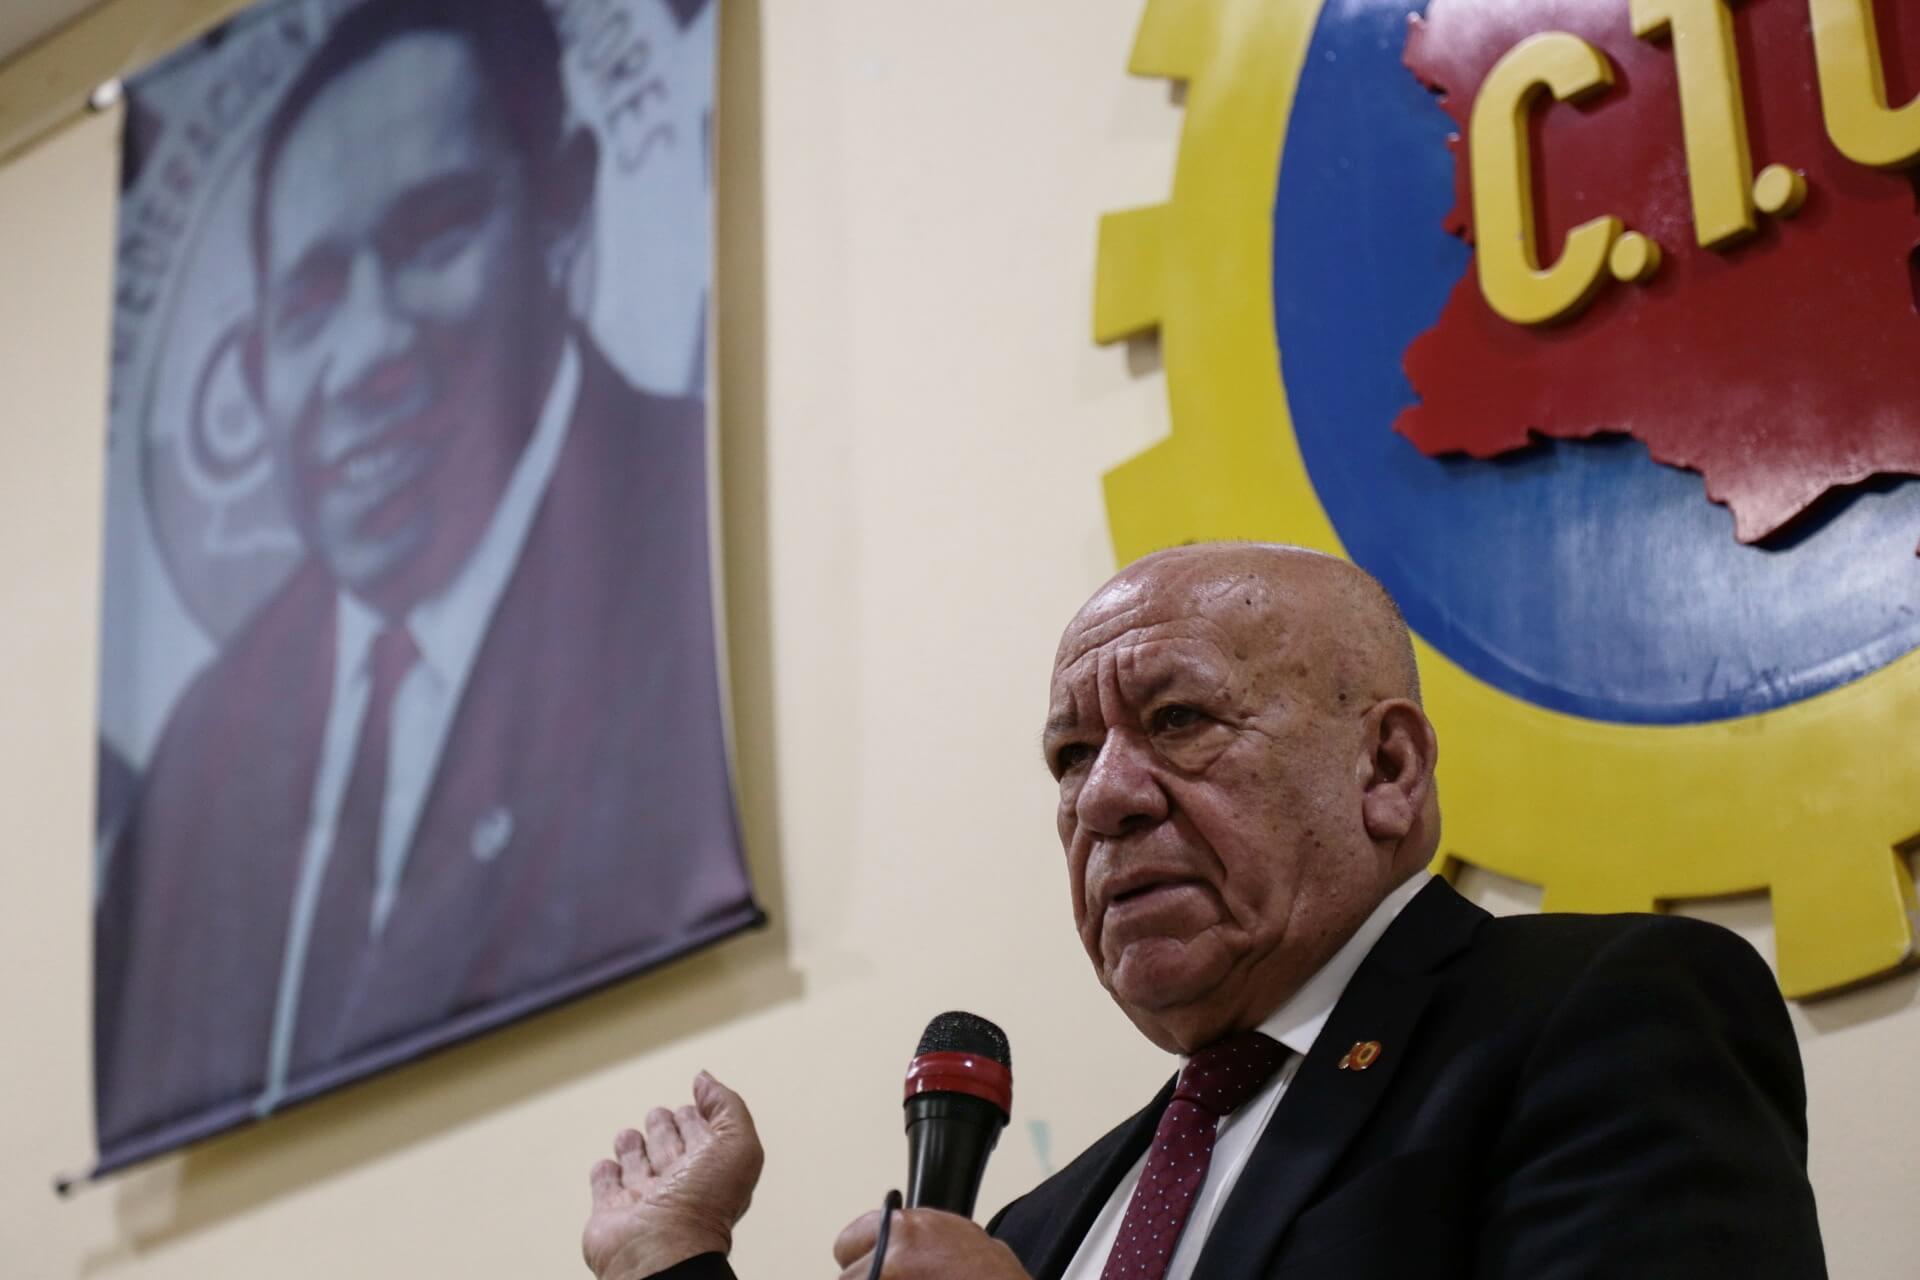 El M-19 lleva 40 años guardando silencio por el asesinato de un sindicalista